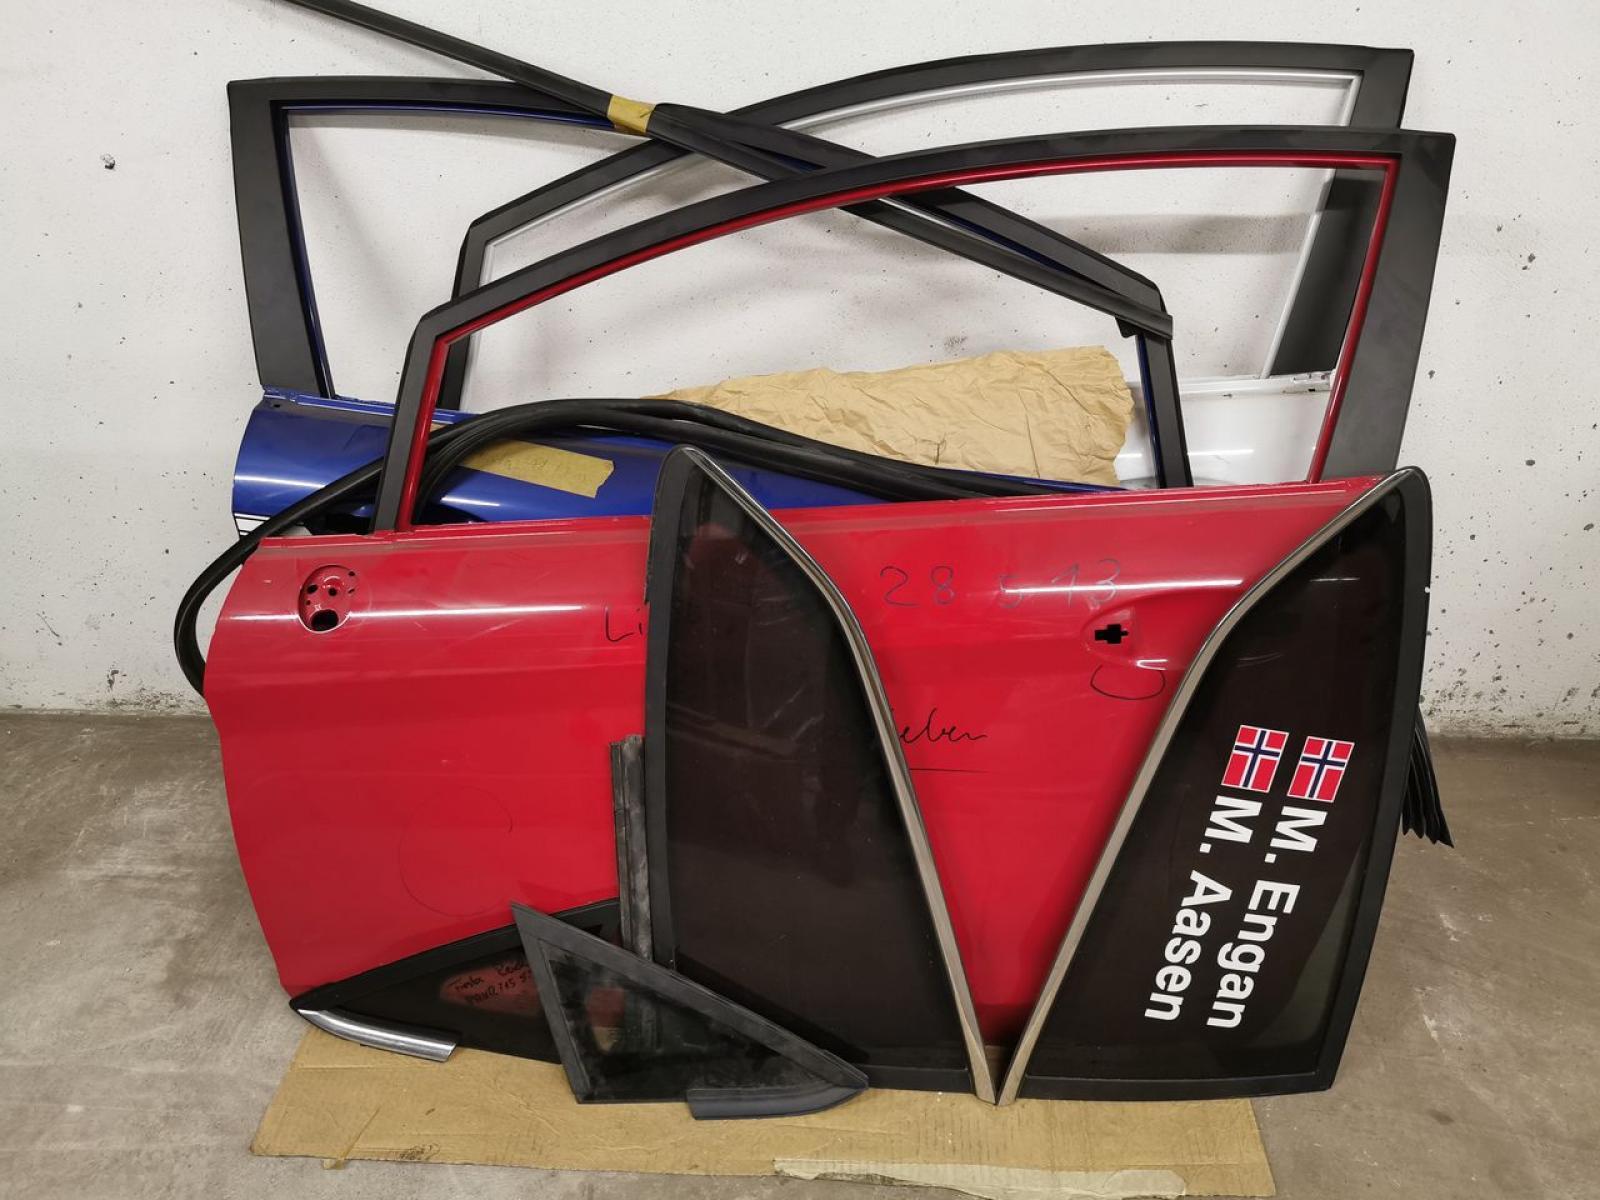 Fiesta R2/T izbor rezervnih dijelova - 2